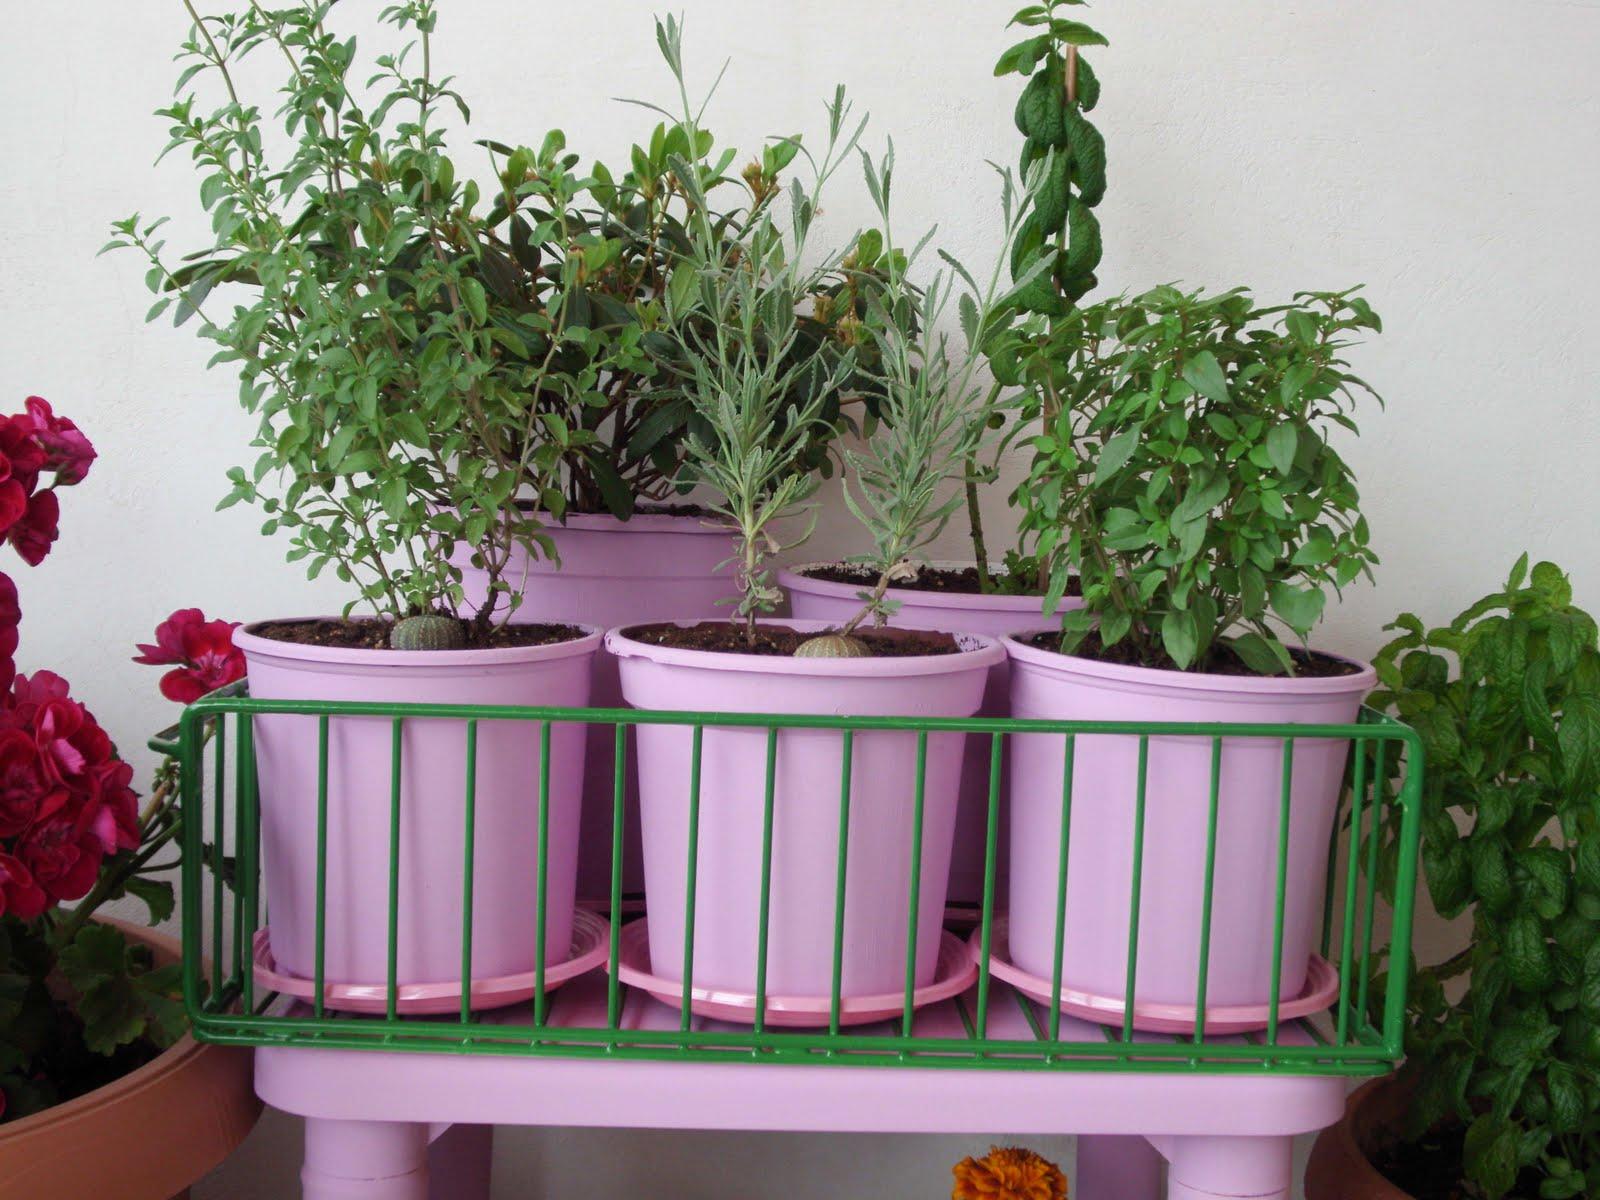 Πως να φτιάξετε μια όμορφη γωνιά στο μπαλκόνι σας με λουλούδια και μυρωδικά